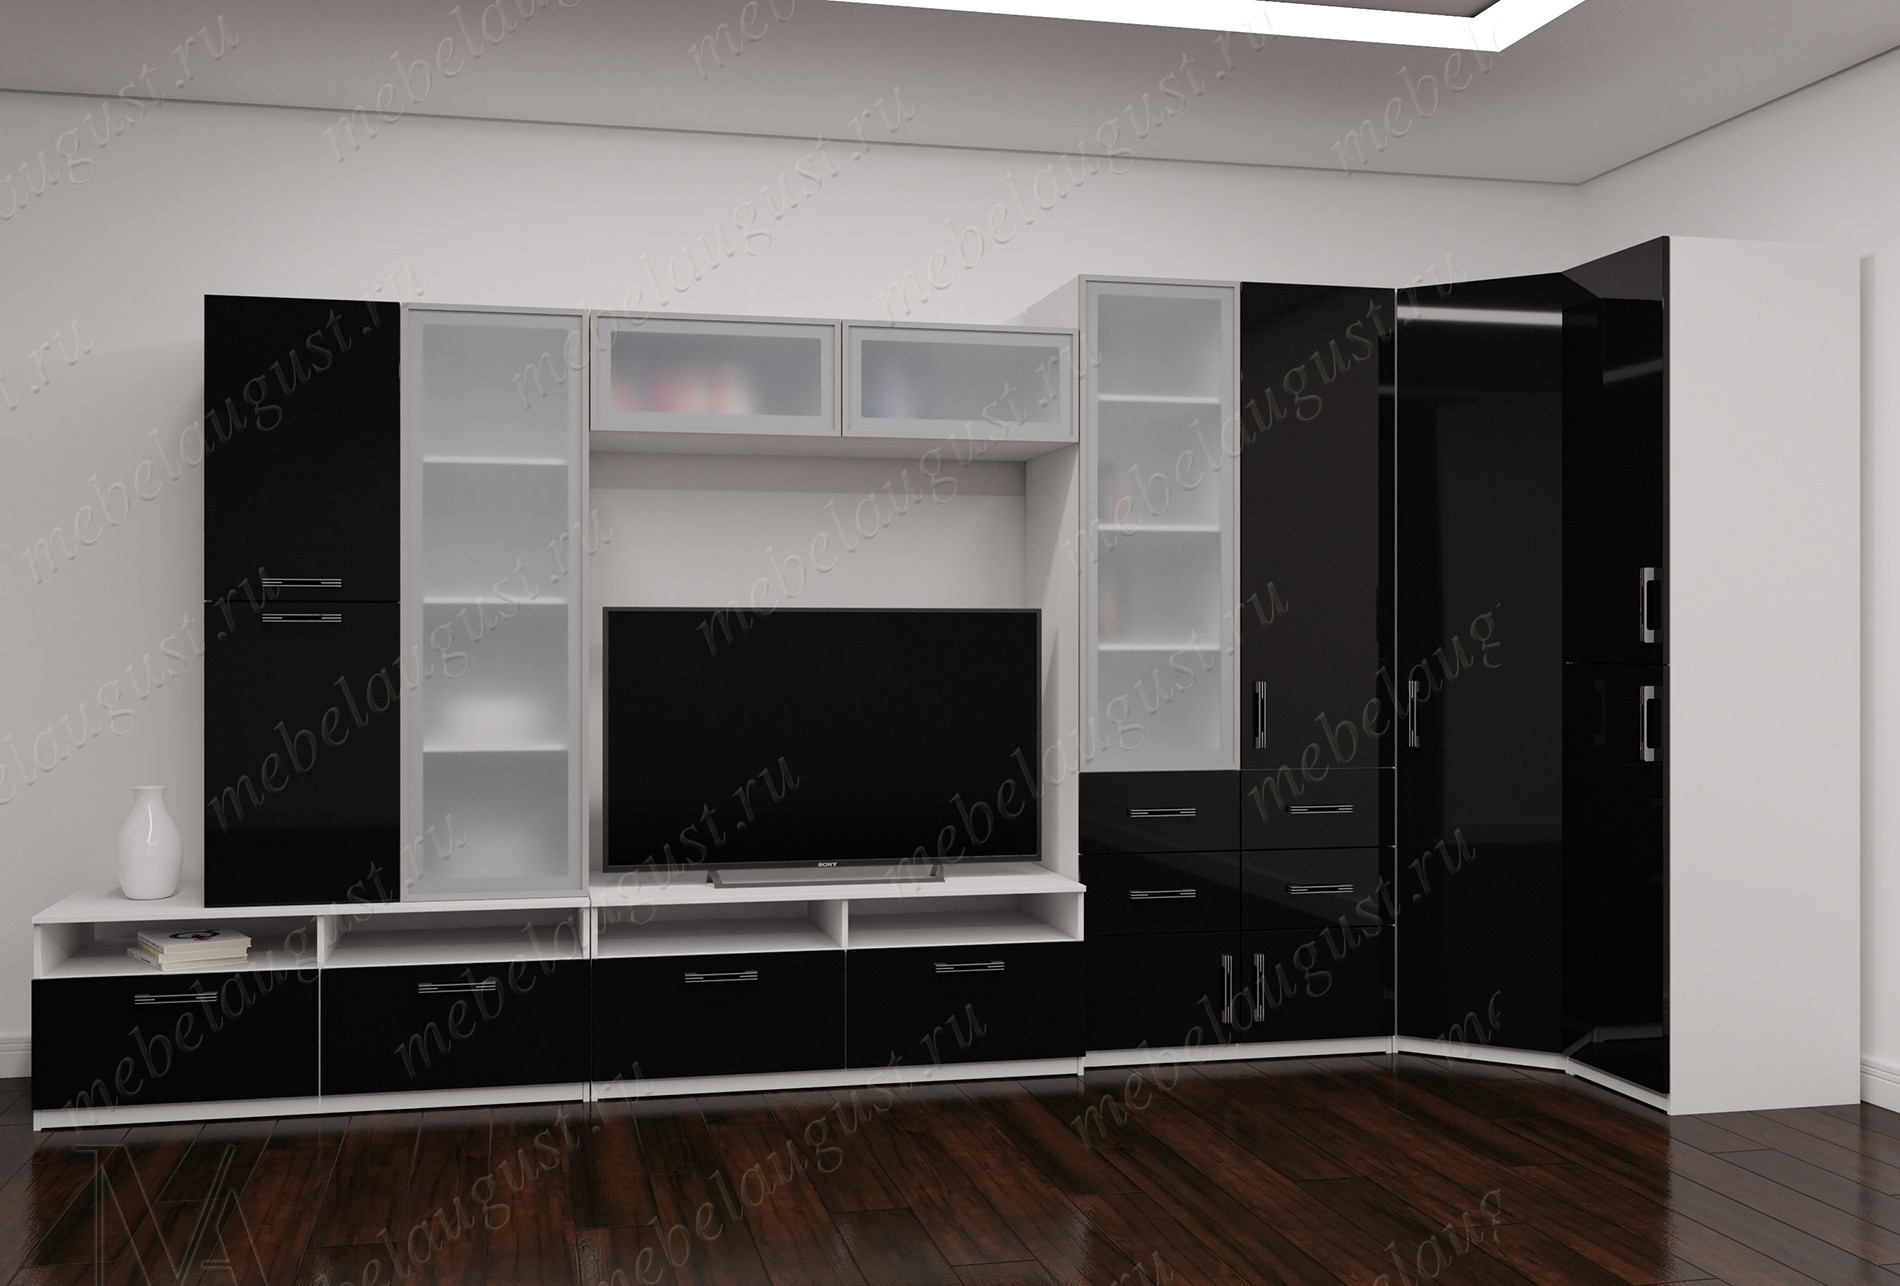 Стенка в гостиную под тв цвета черно-белый глянец